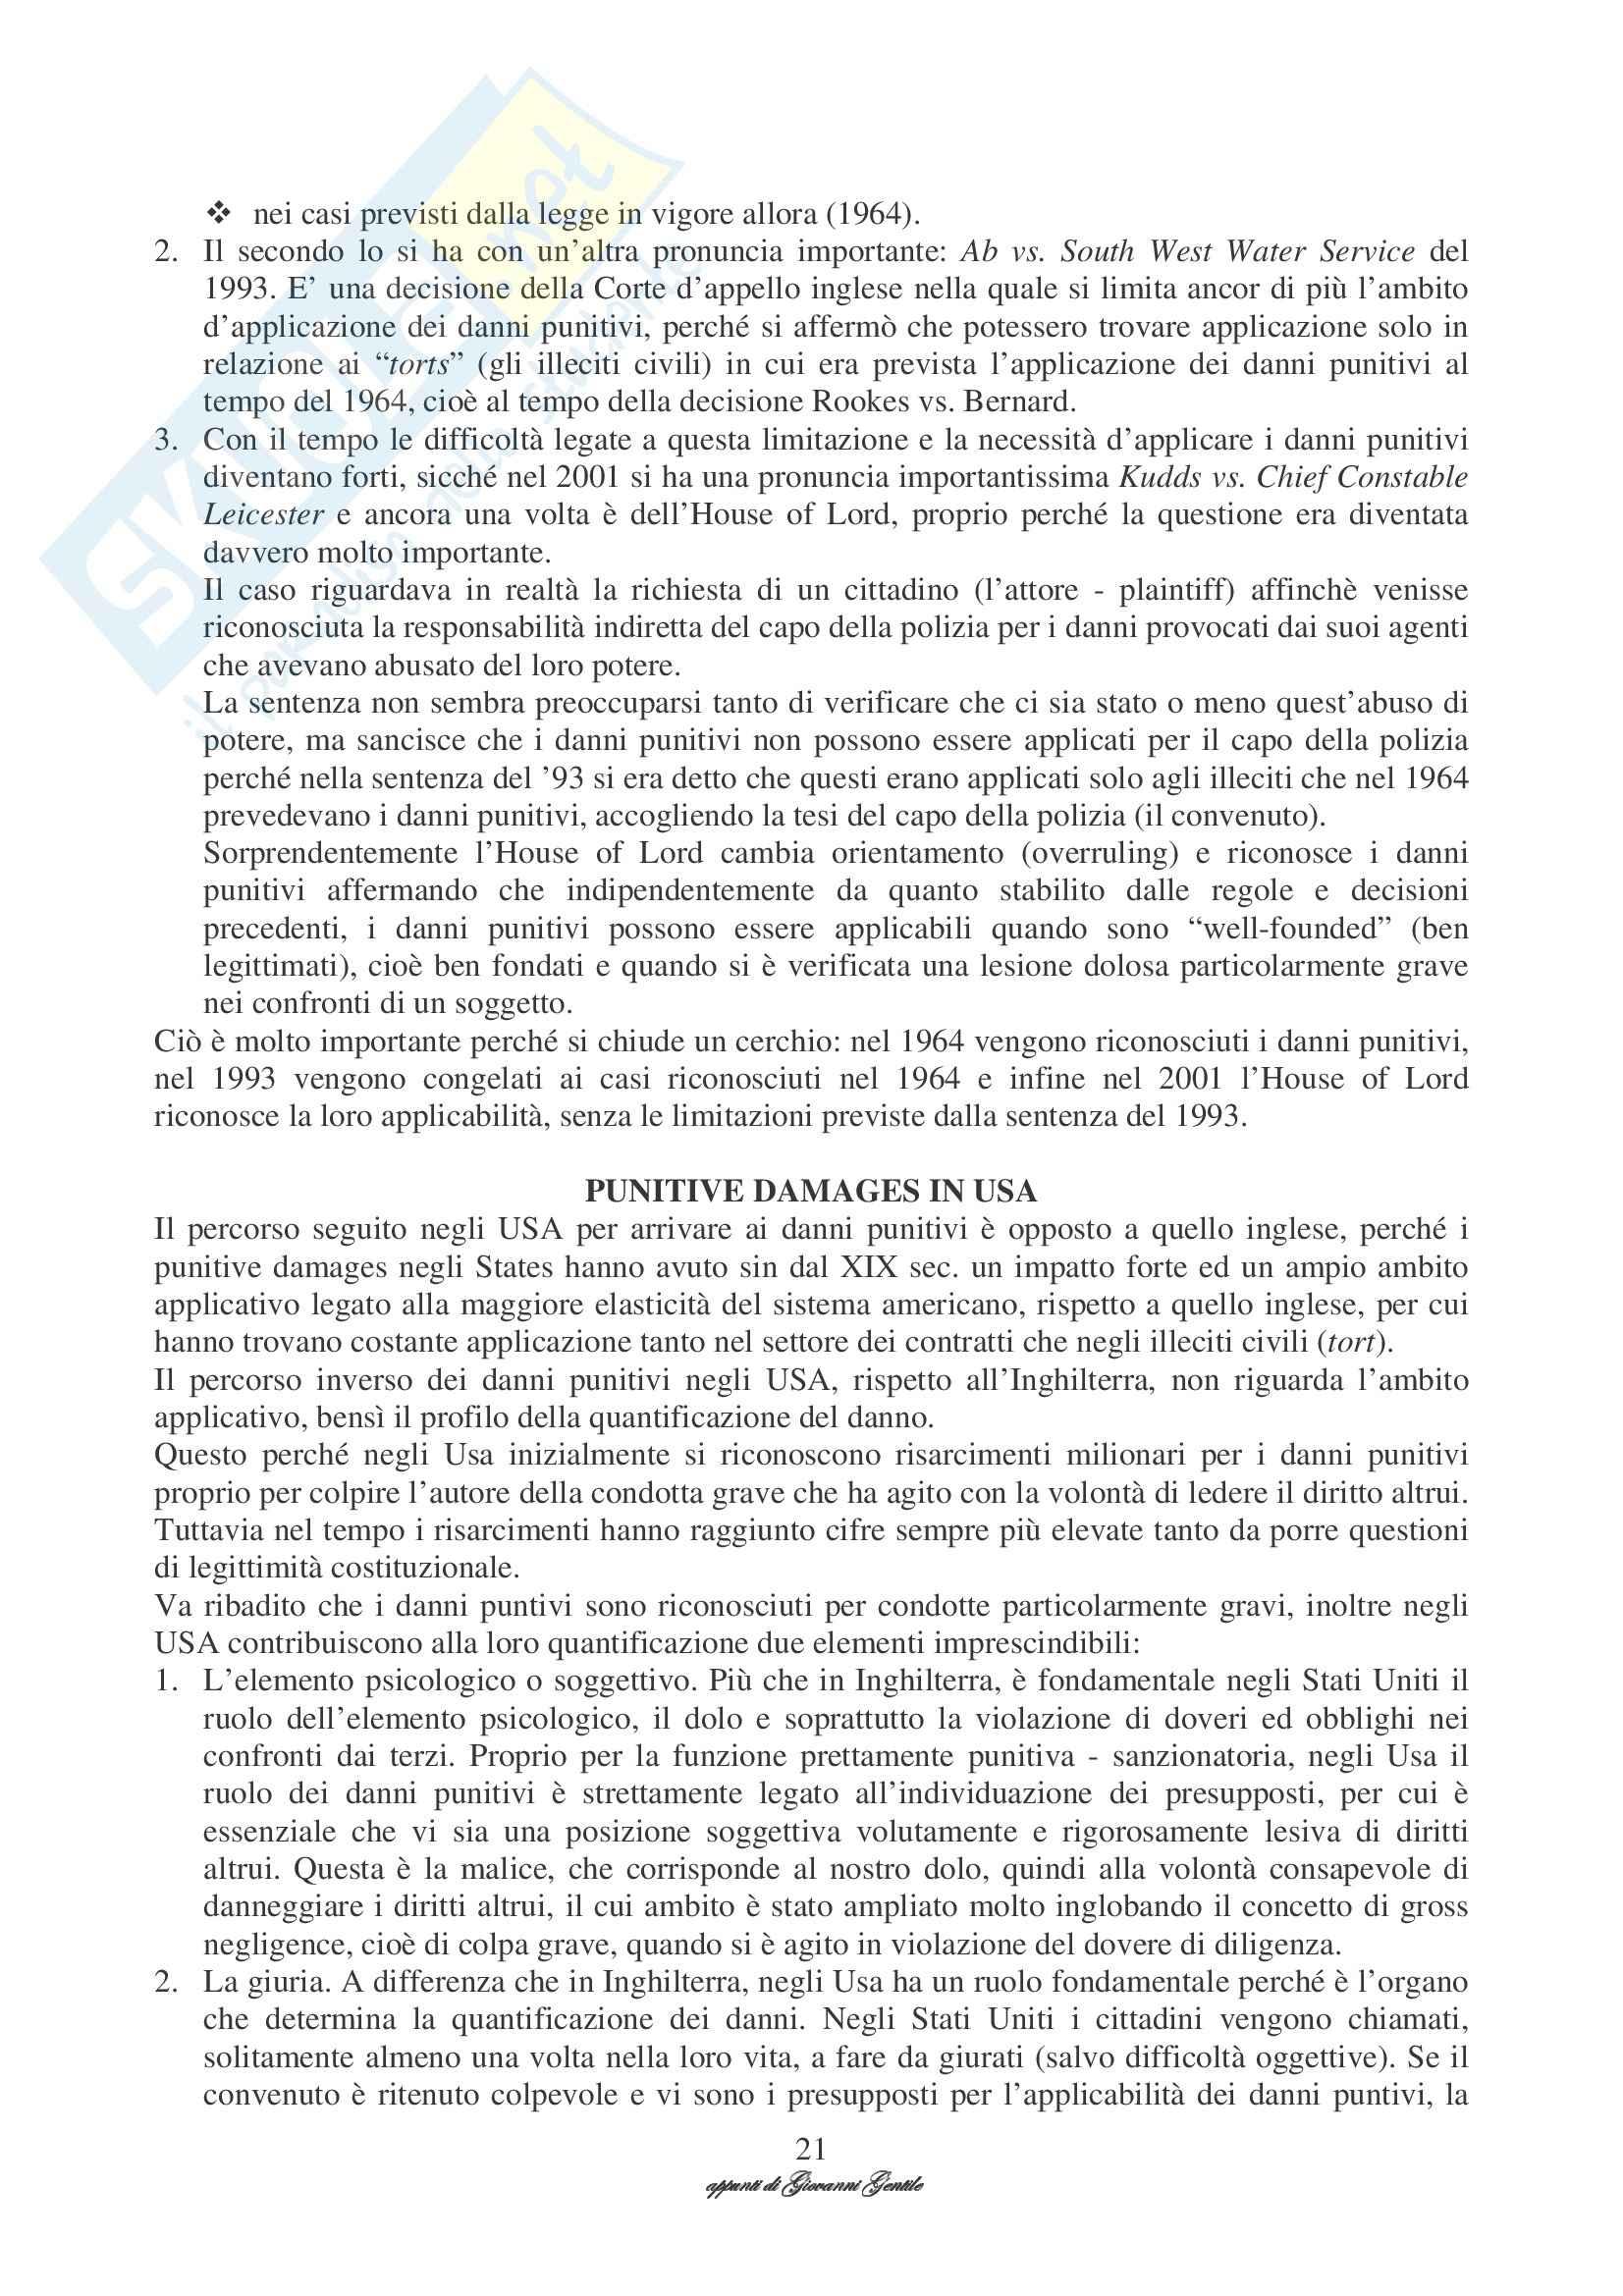 Diritto privato comparato Pag. 21